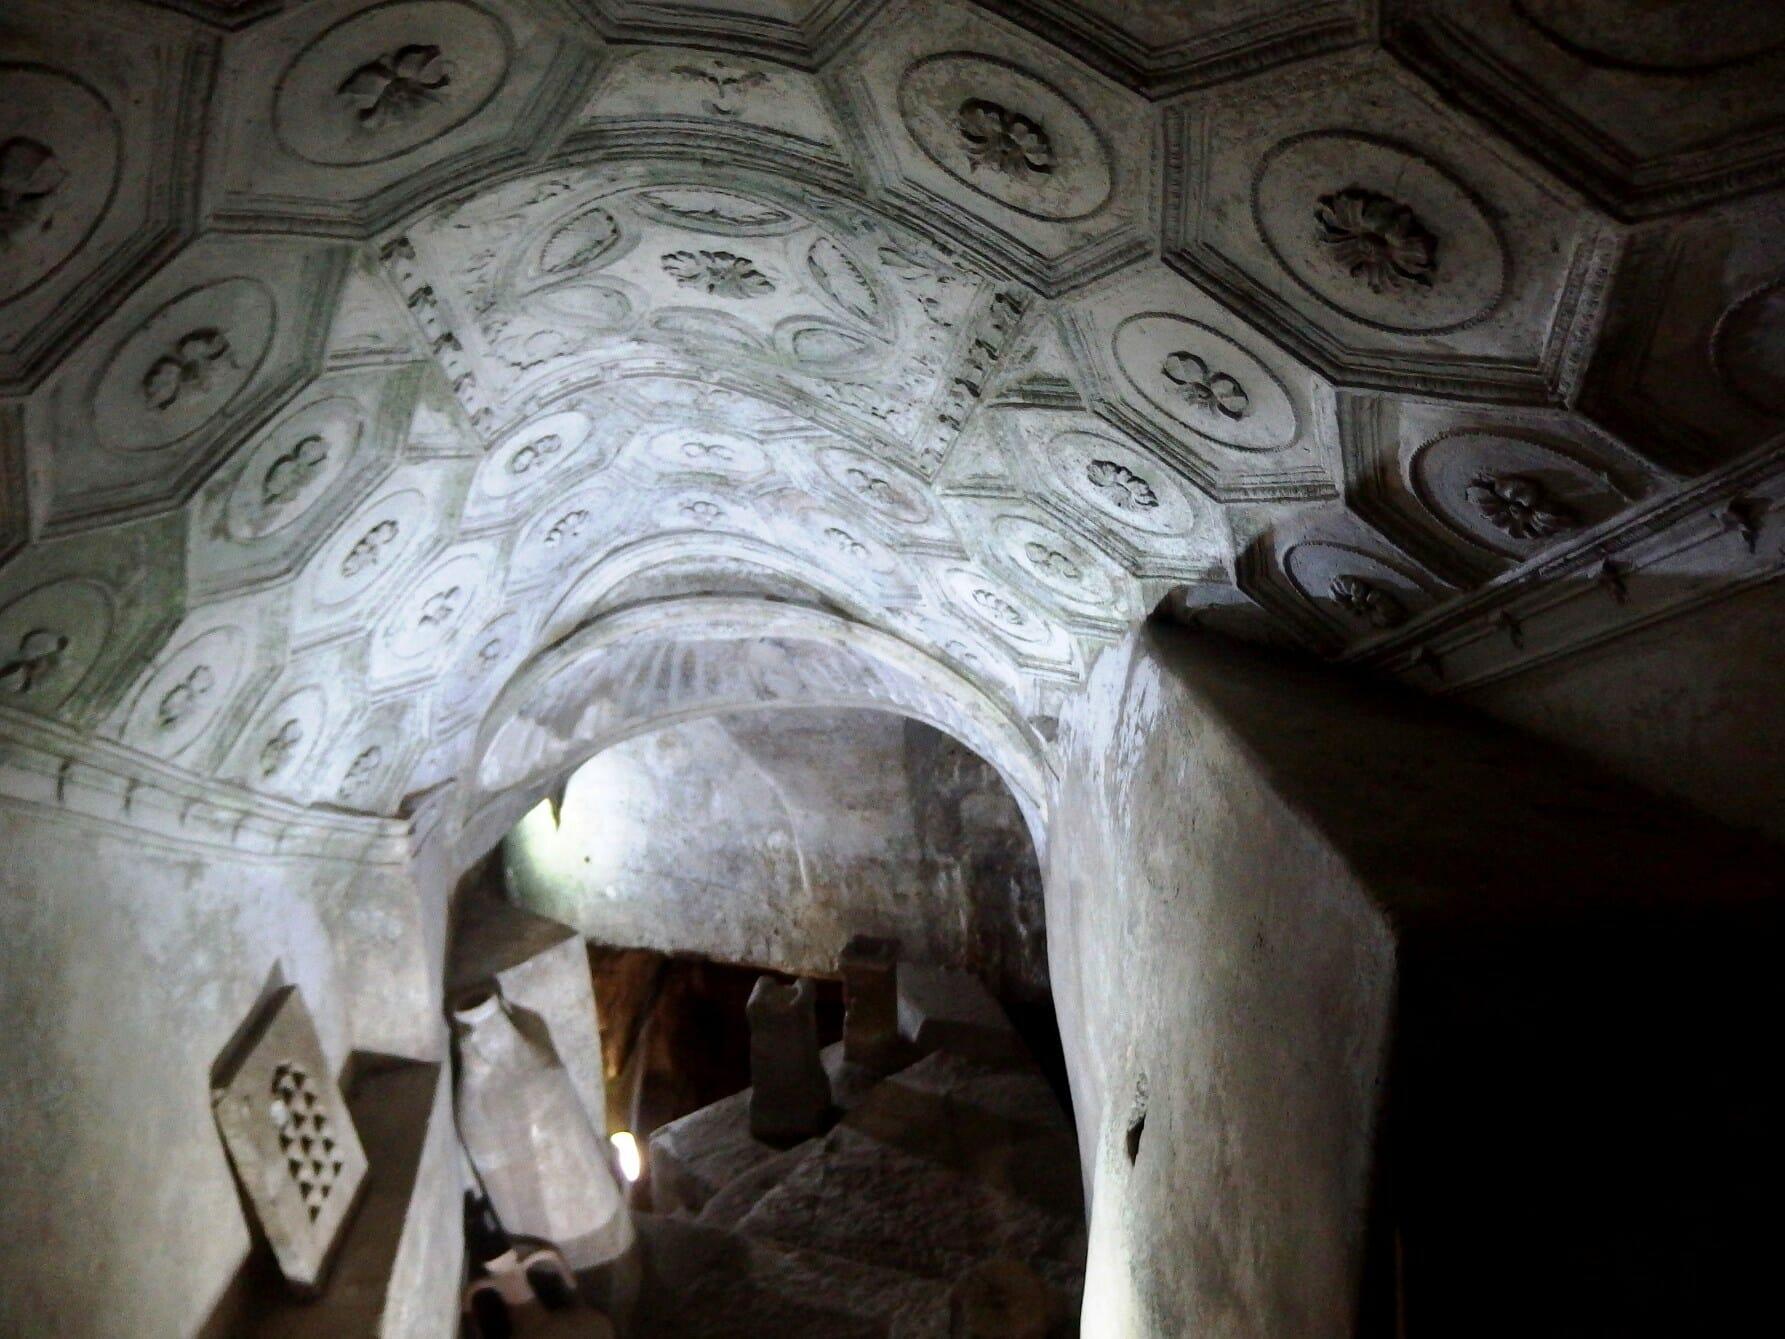 Catacombs of Rome San Sebastiano